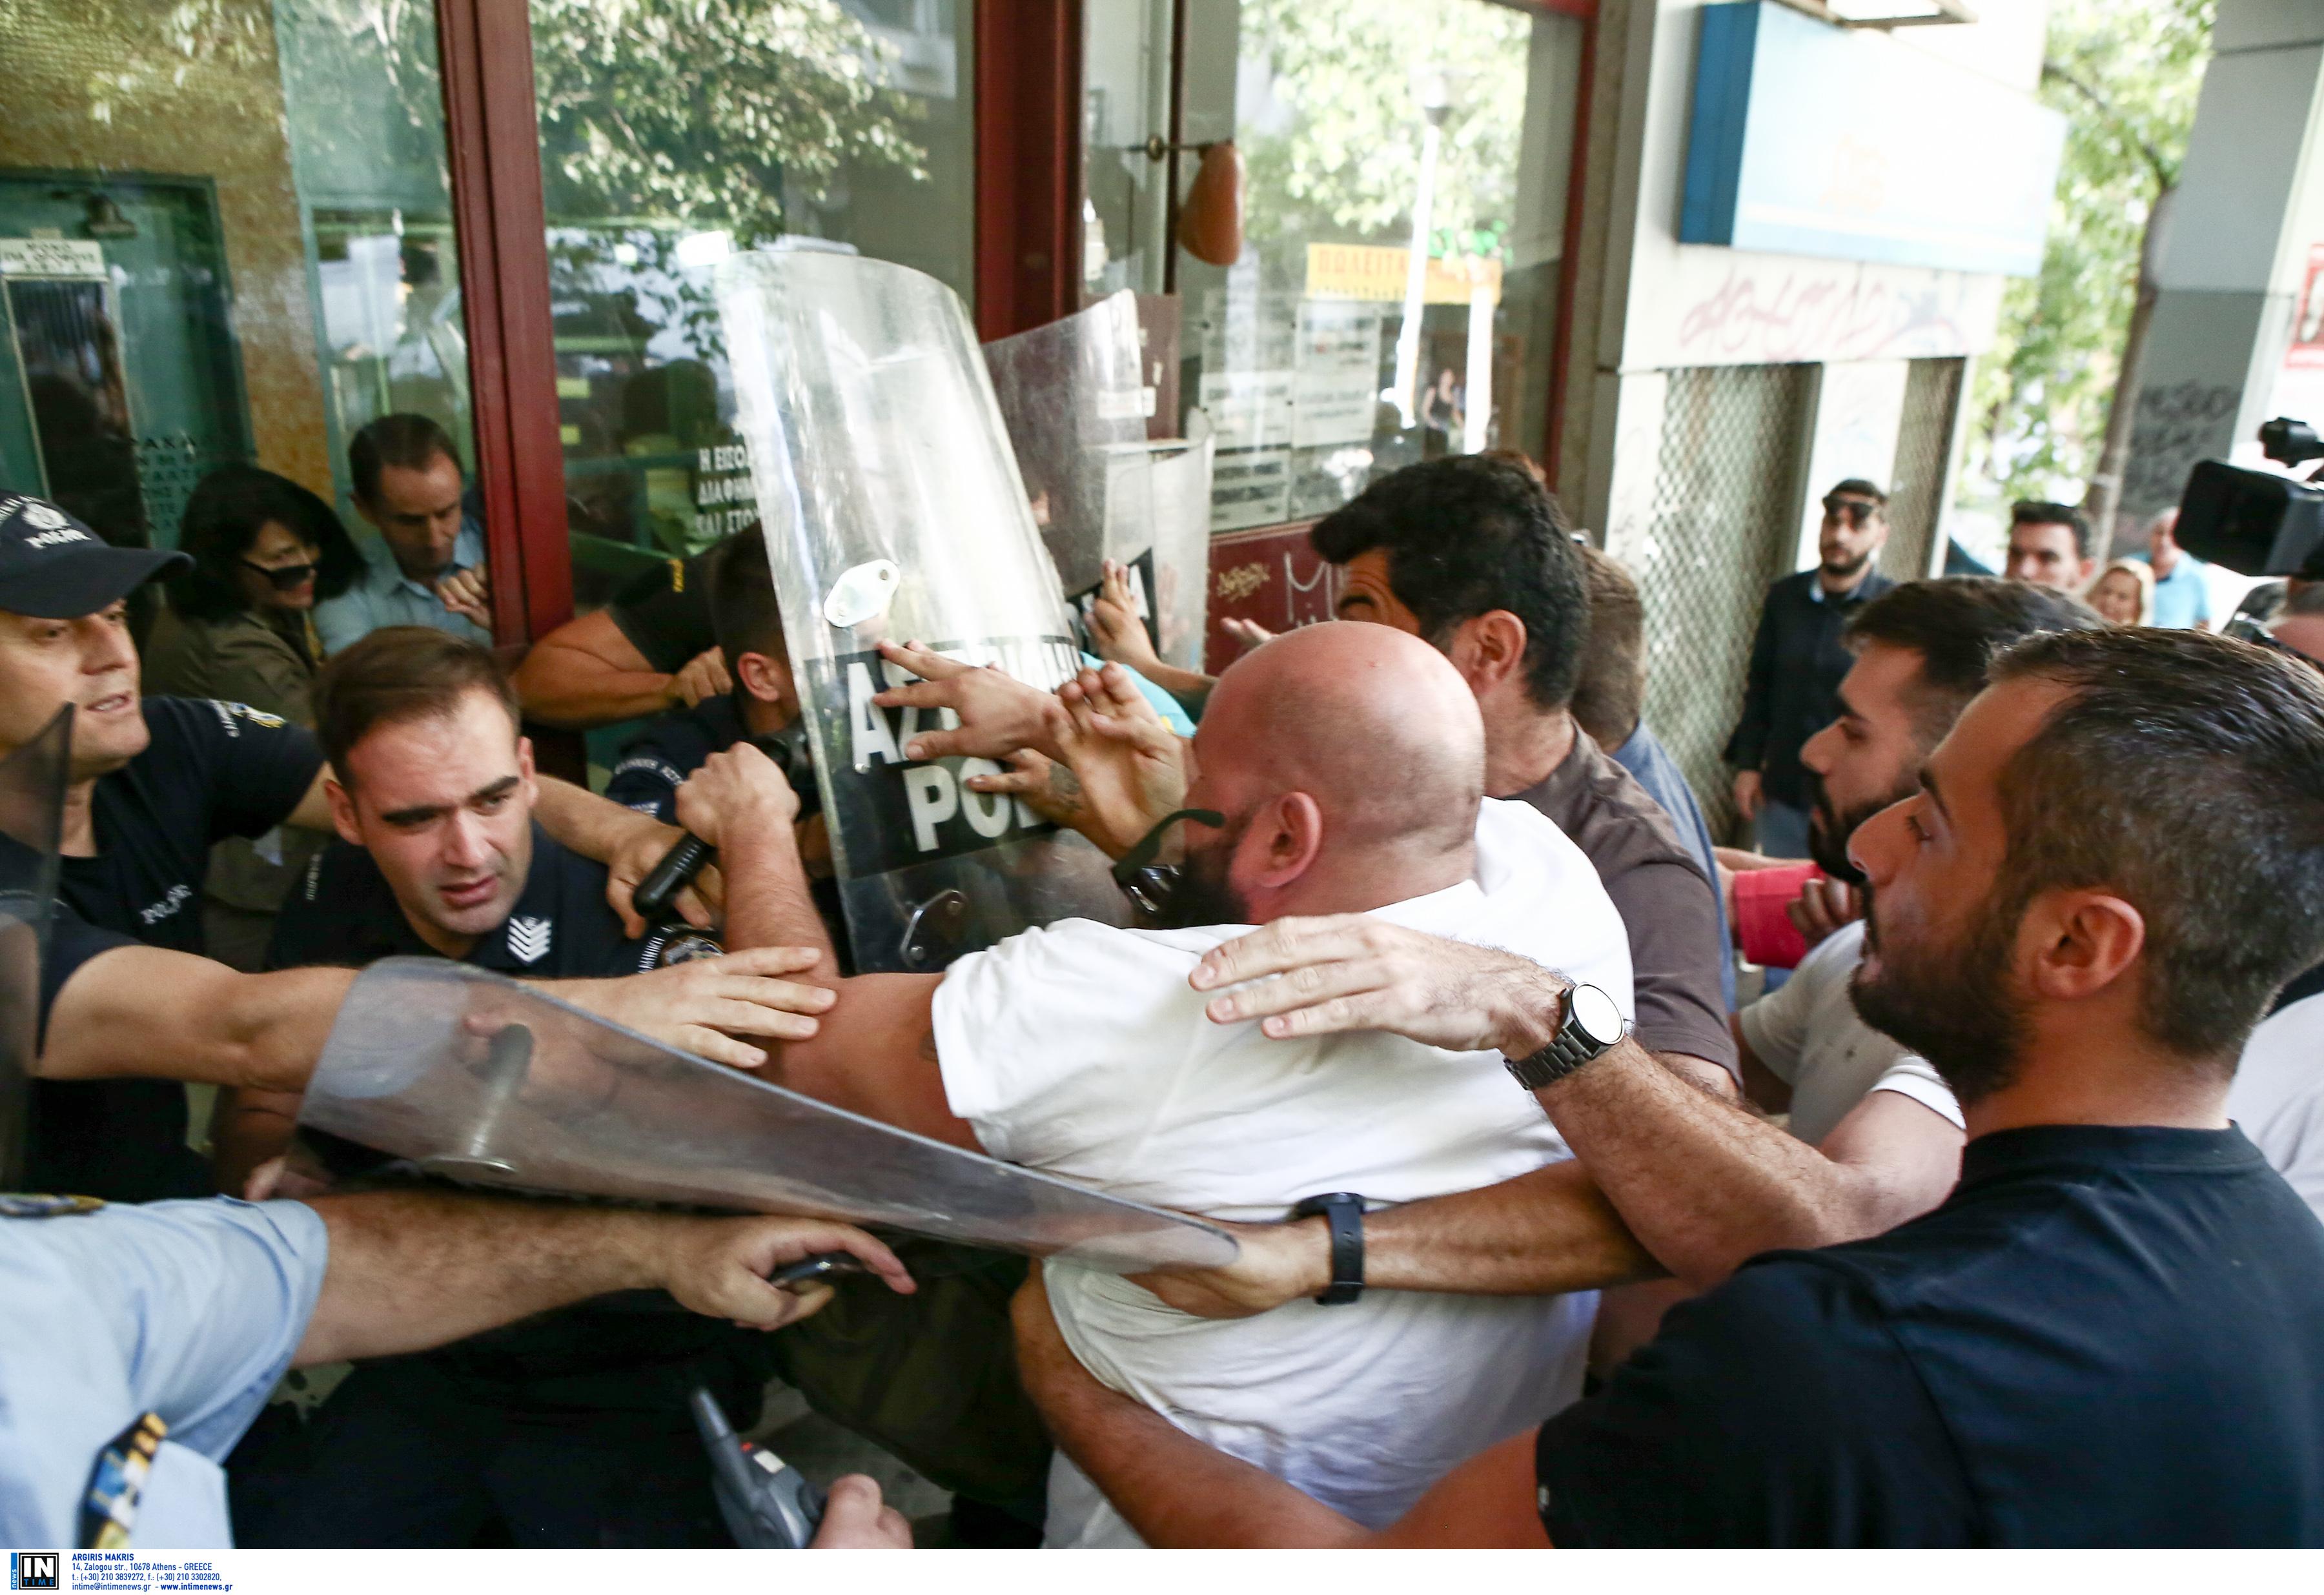 Πλειστηριασμοί: Ένταση και μικροεπεισόδια έξω από συμβολαιογραφείο στο κέντρο της Αθήνας